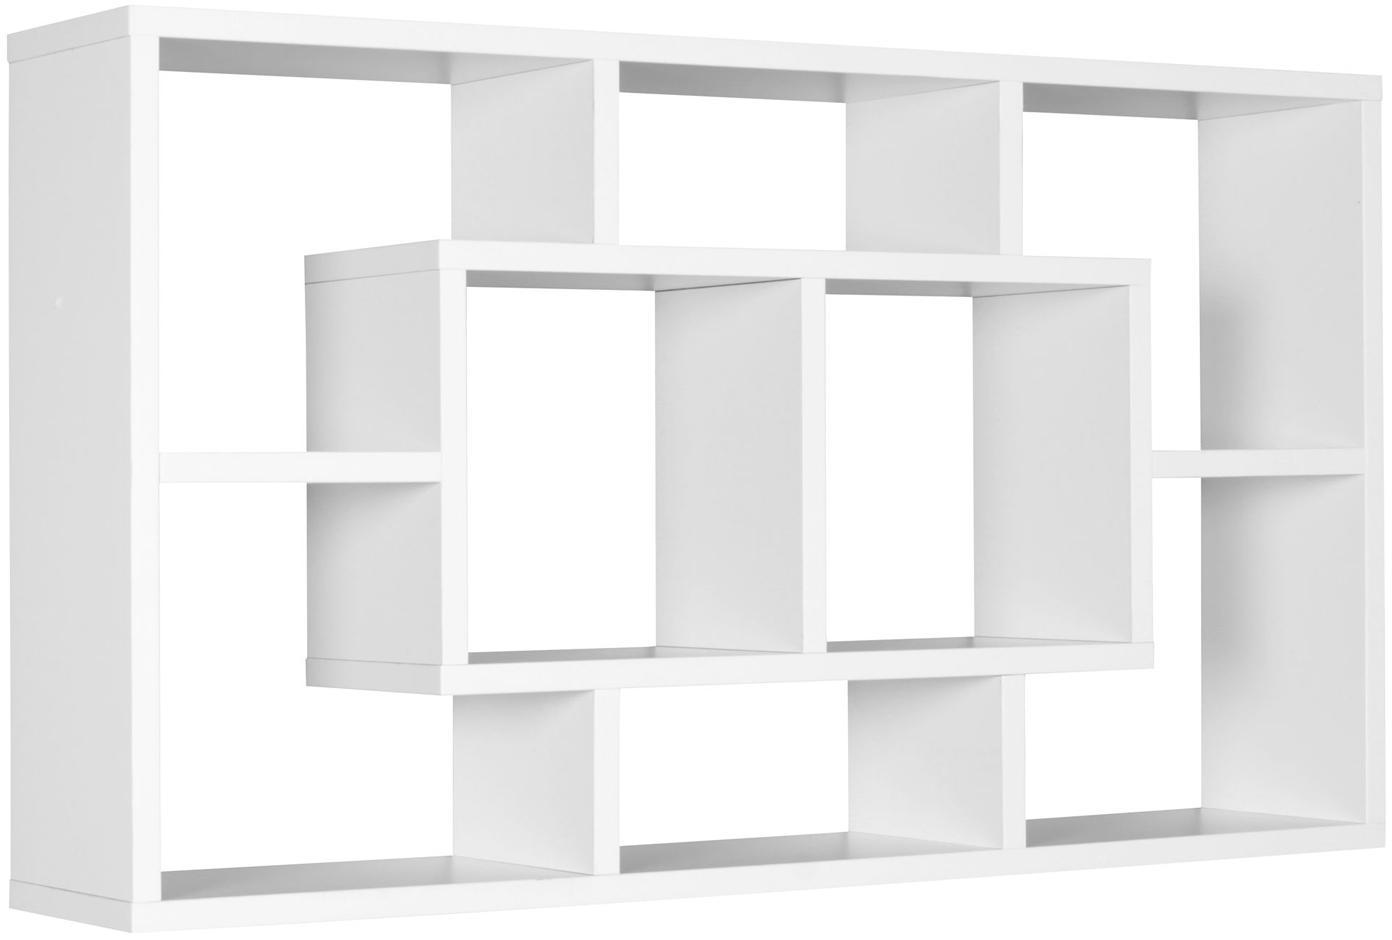 Libreria moderna in bianco opaco Alex, Pannello di fibra a media densità (MDF), impiallacciato, rivestito in melamina, Bianco, Larg. 85 x Alt. 48 cm